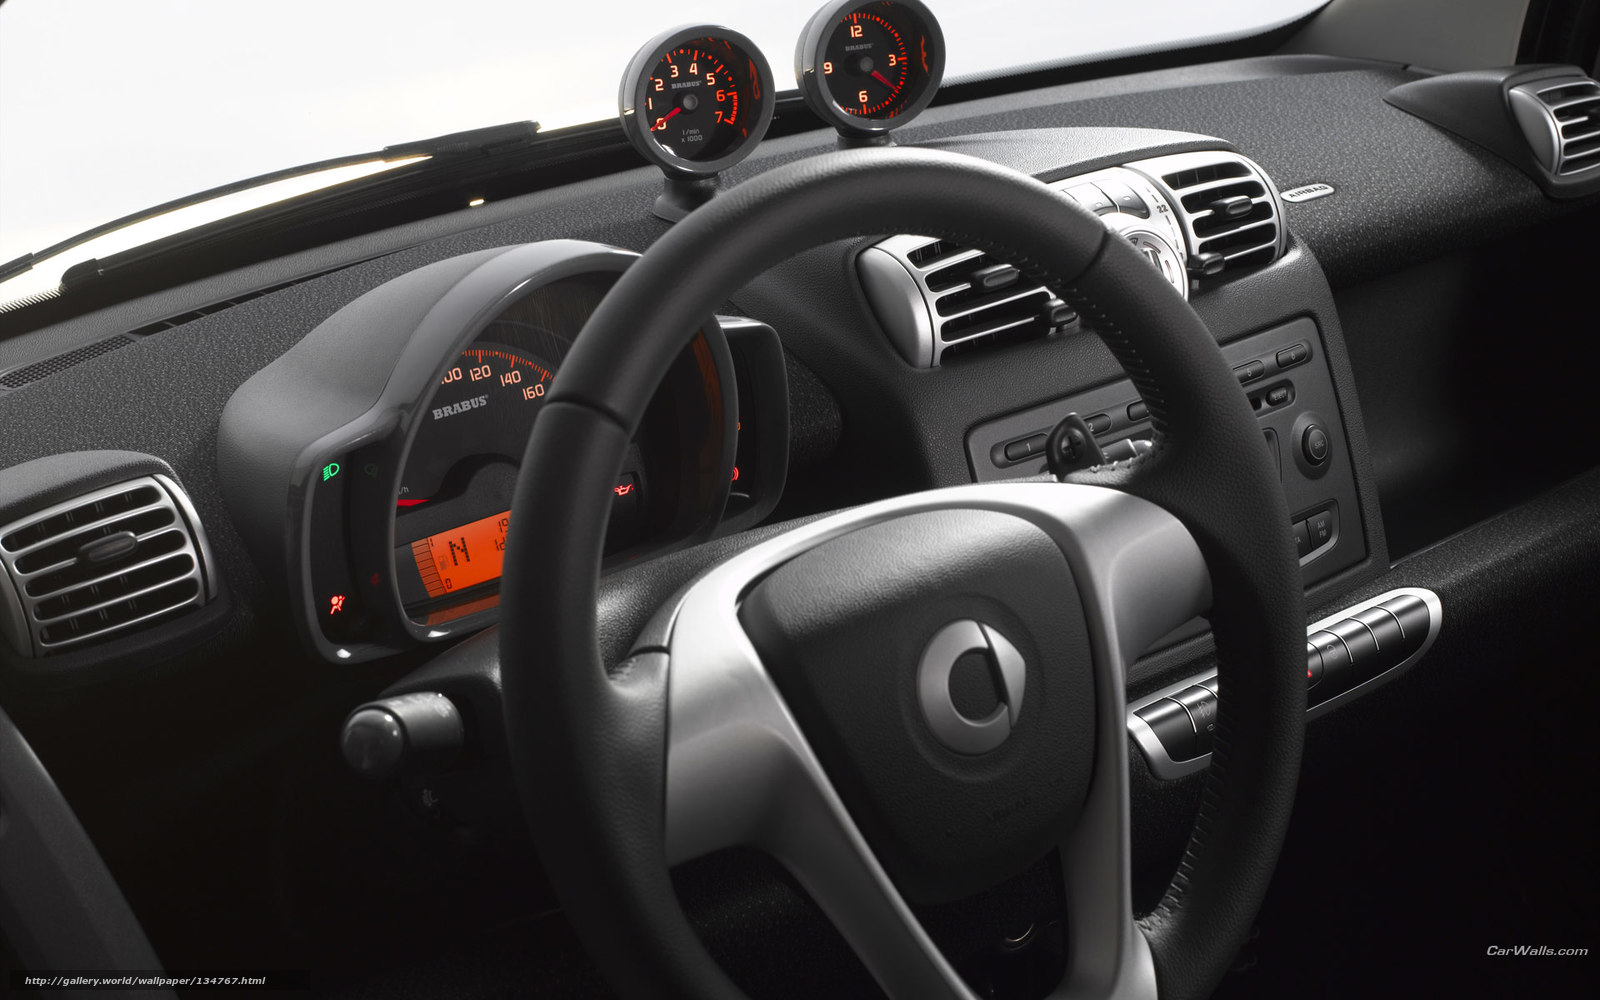 Скачать обои Smart,  Fortwo,  авто,  машины бесплатно для рабочего стола в разрешении 1920x1200 — картинка №134767